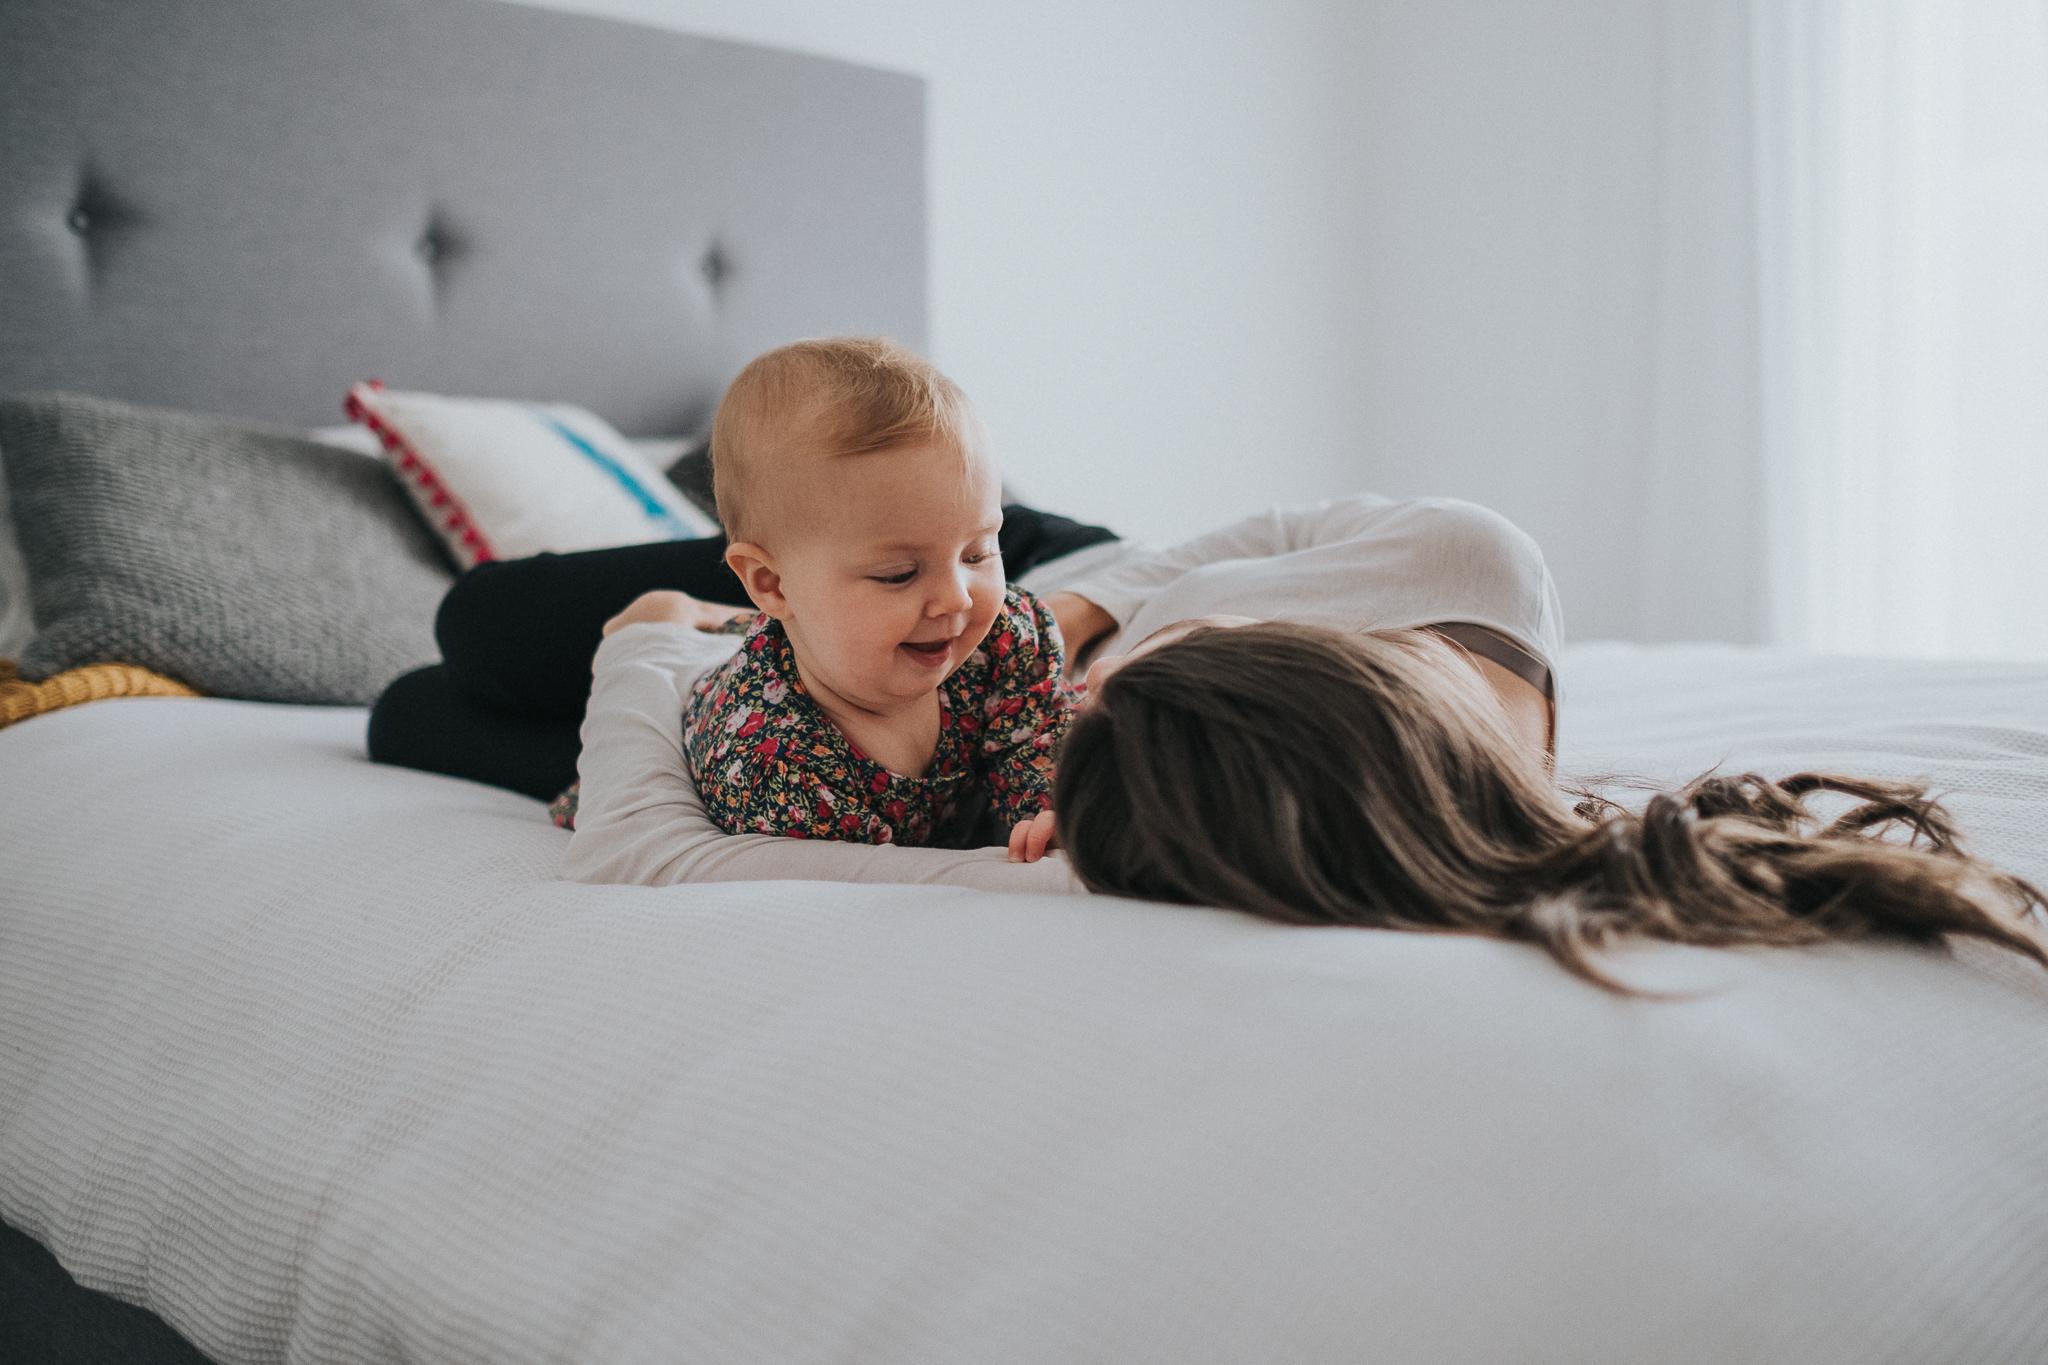 Snuggles with mum